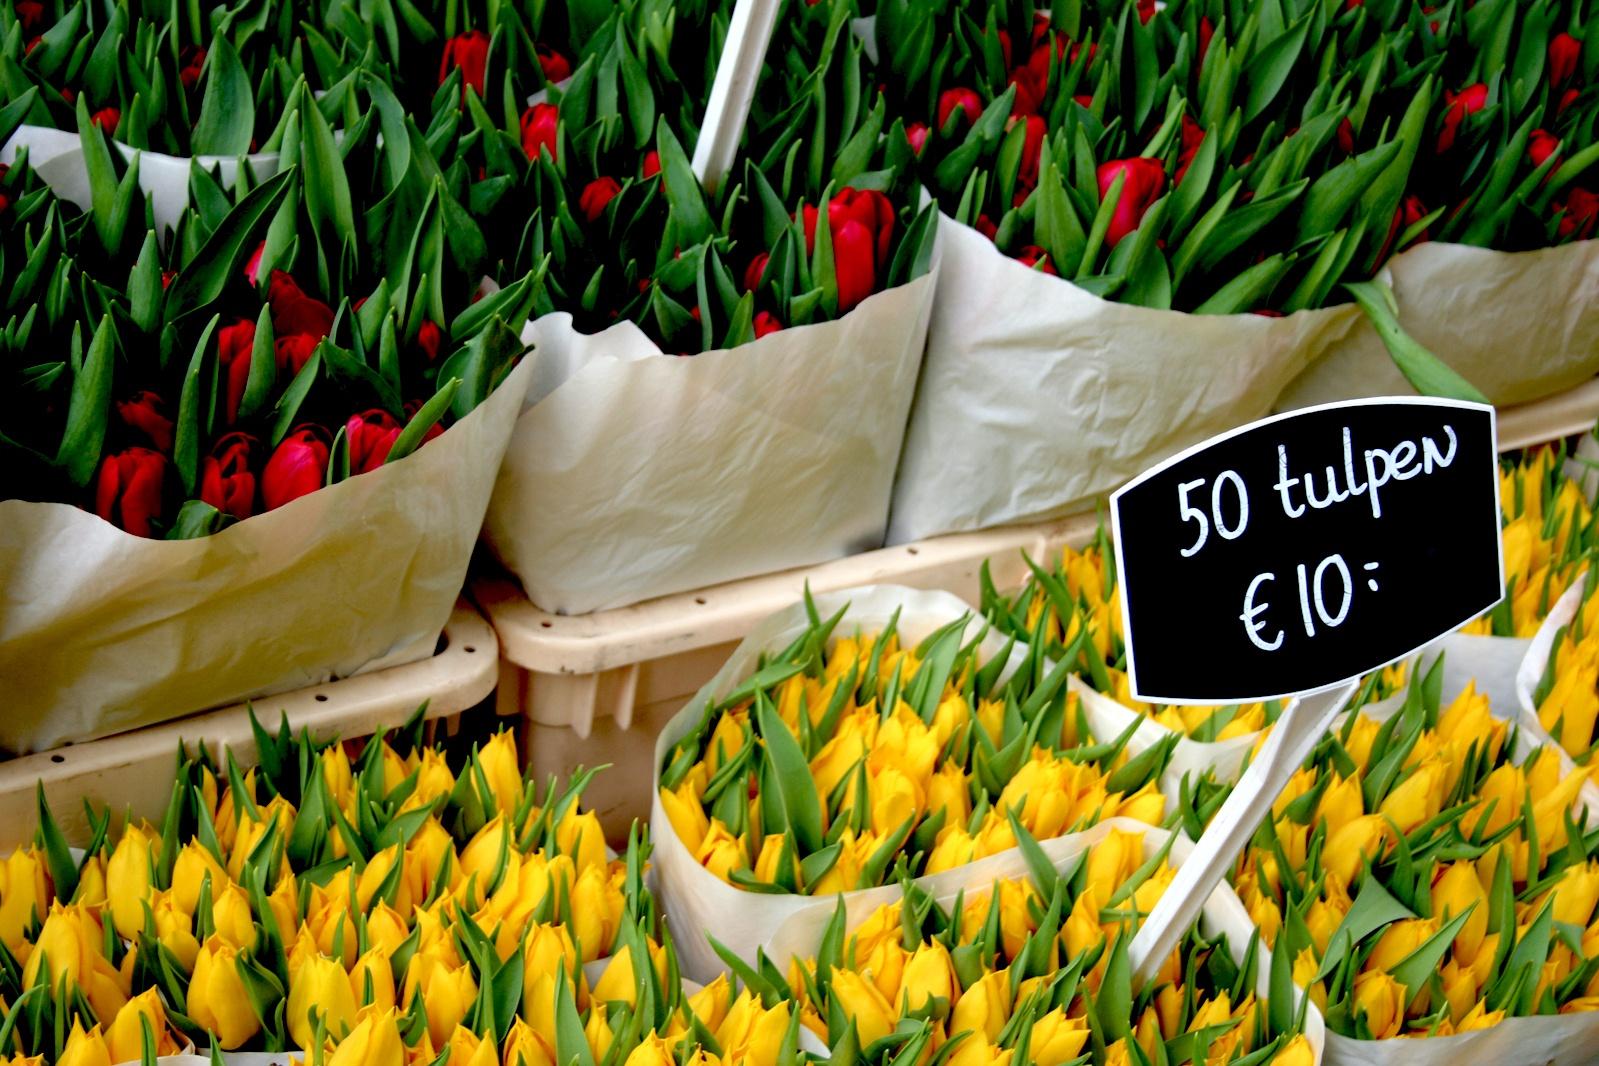 tulips-MOQ.jpg